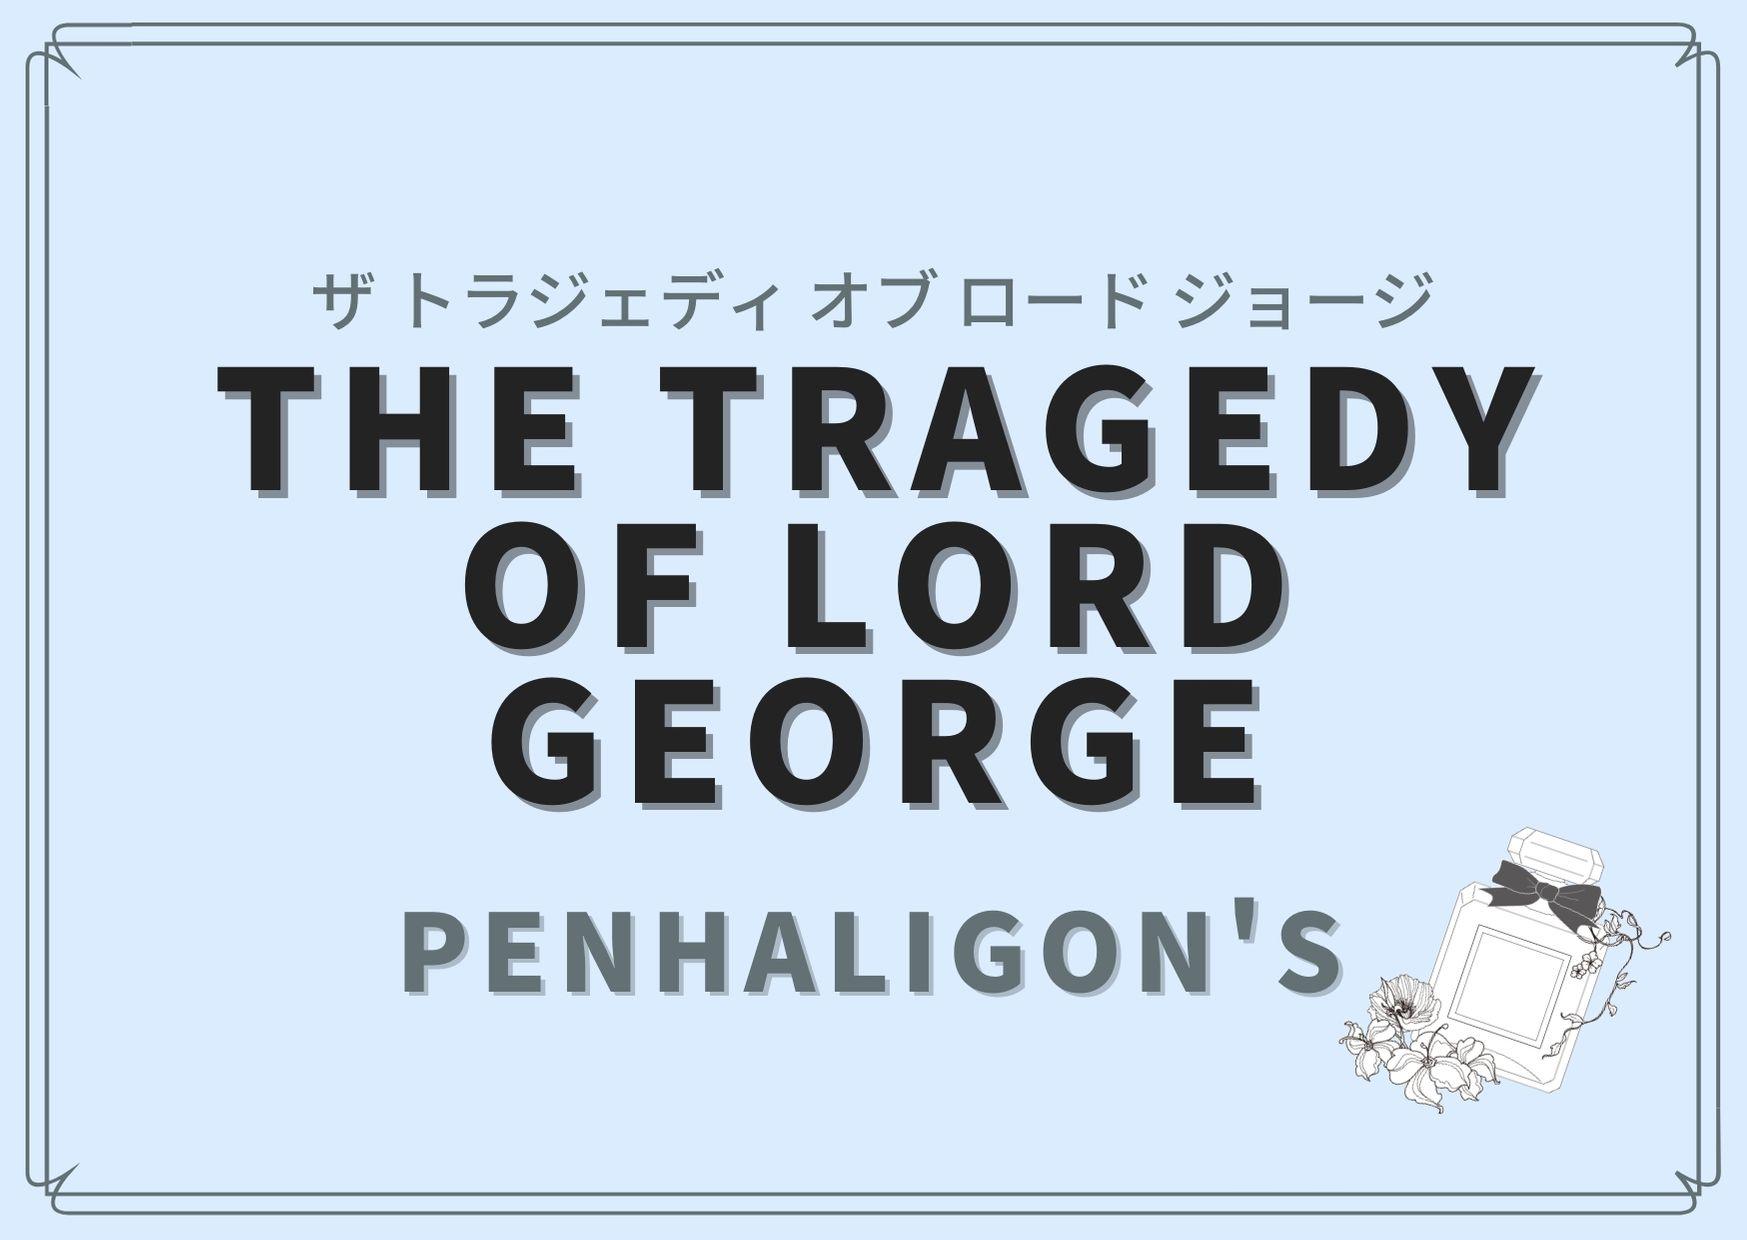 THE TRAGEDY OF LORD GEORGE(ザ トラジェディ オブ ロード ジョージ)/PENHALIGON'S(ペンハリガン)